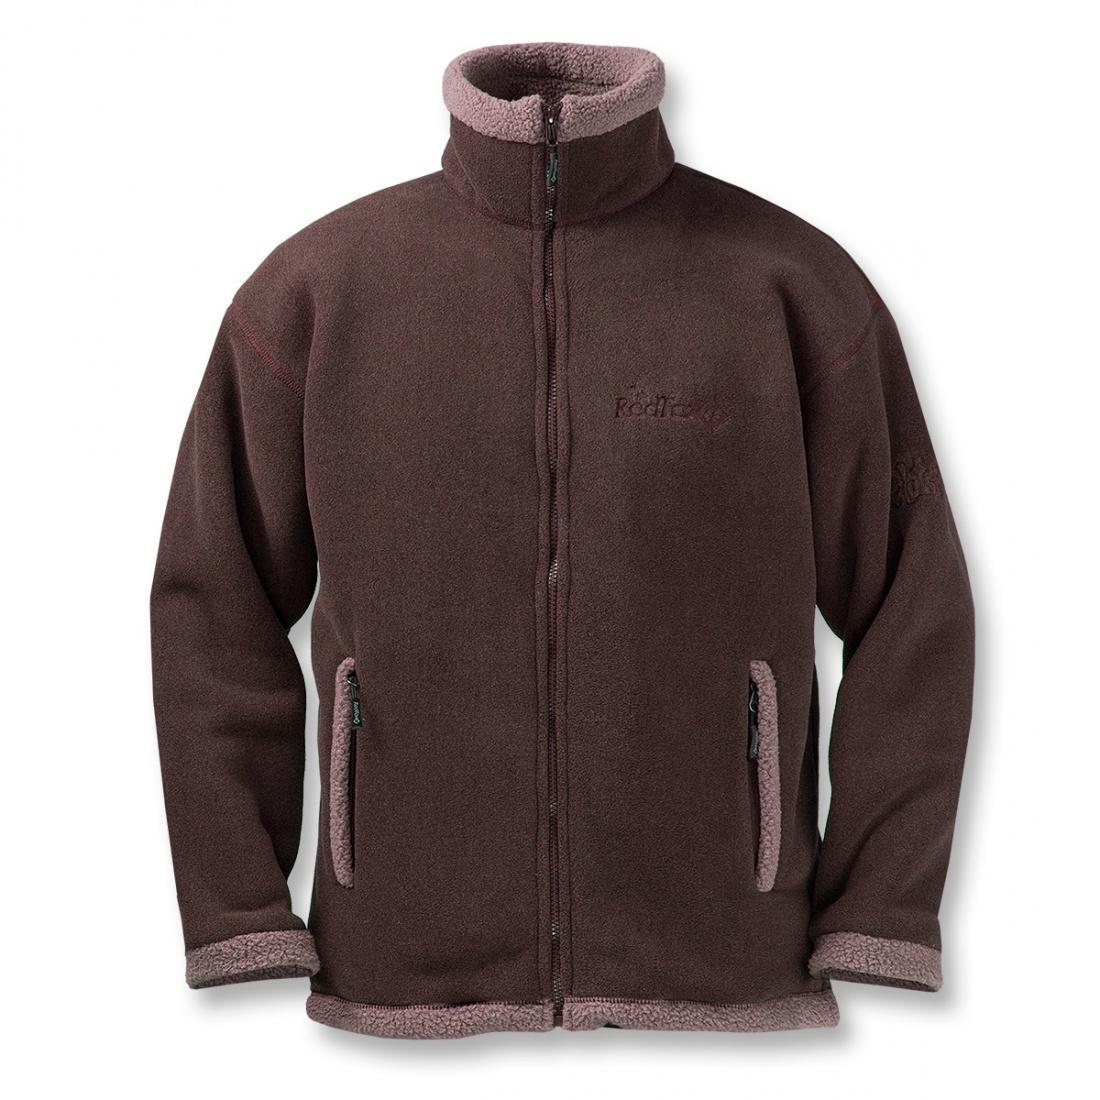 Куртка Cliff МужскаяКуртки<br><br> Модель курток Сliff признана одной из самых популярных в коллекции Red Fox среди изделий из материалов Polartec®.<br><br><br> <br><br><br><br><br>Материал – Polartec® 300, 100% Polyester Knit, 376 g/sqm.<br>Посадка – Regula...<br><br>Цвет: Коричневый<br>Размер: 56